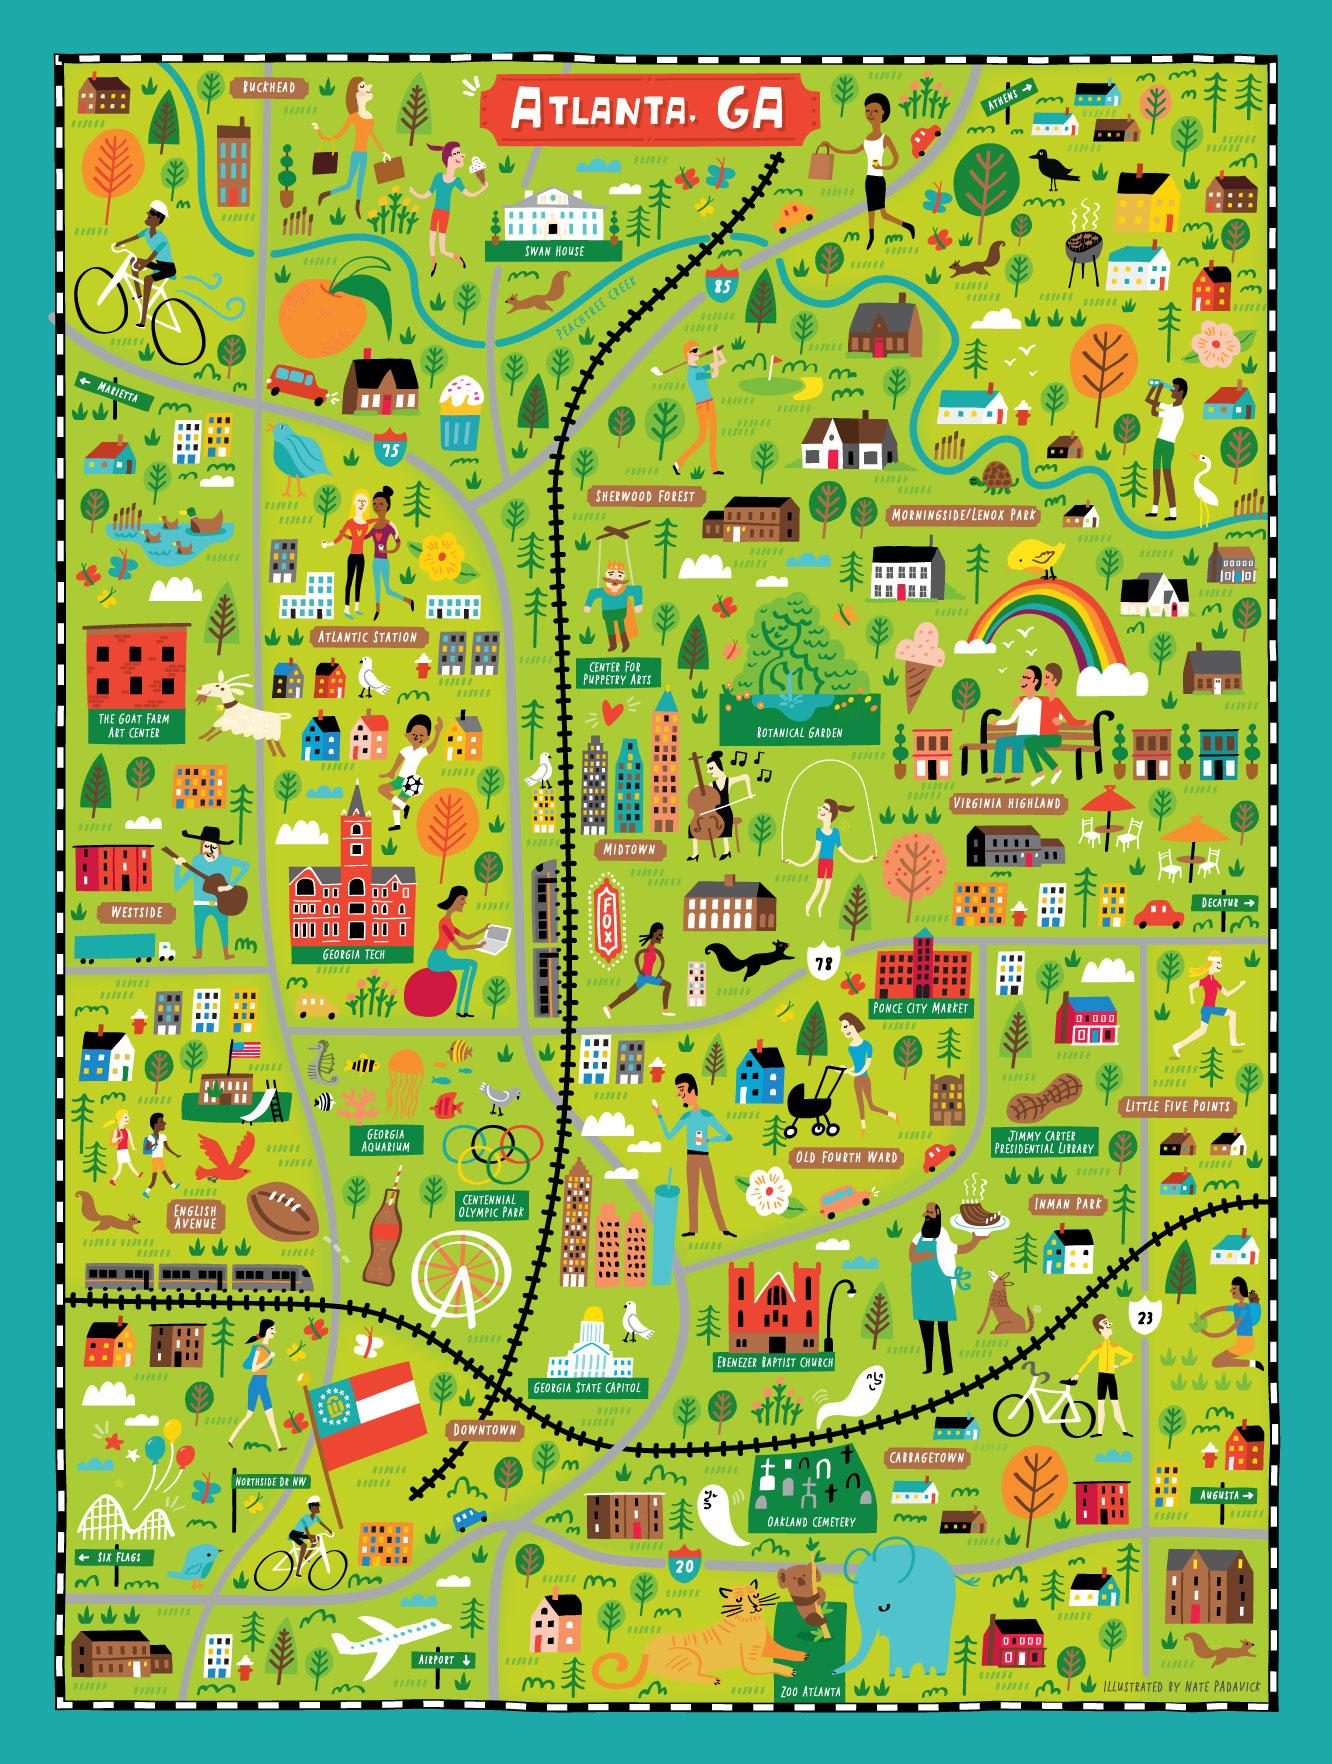 True South Puzzle Co. - Map location: Atlanta, GA